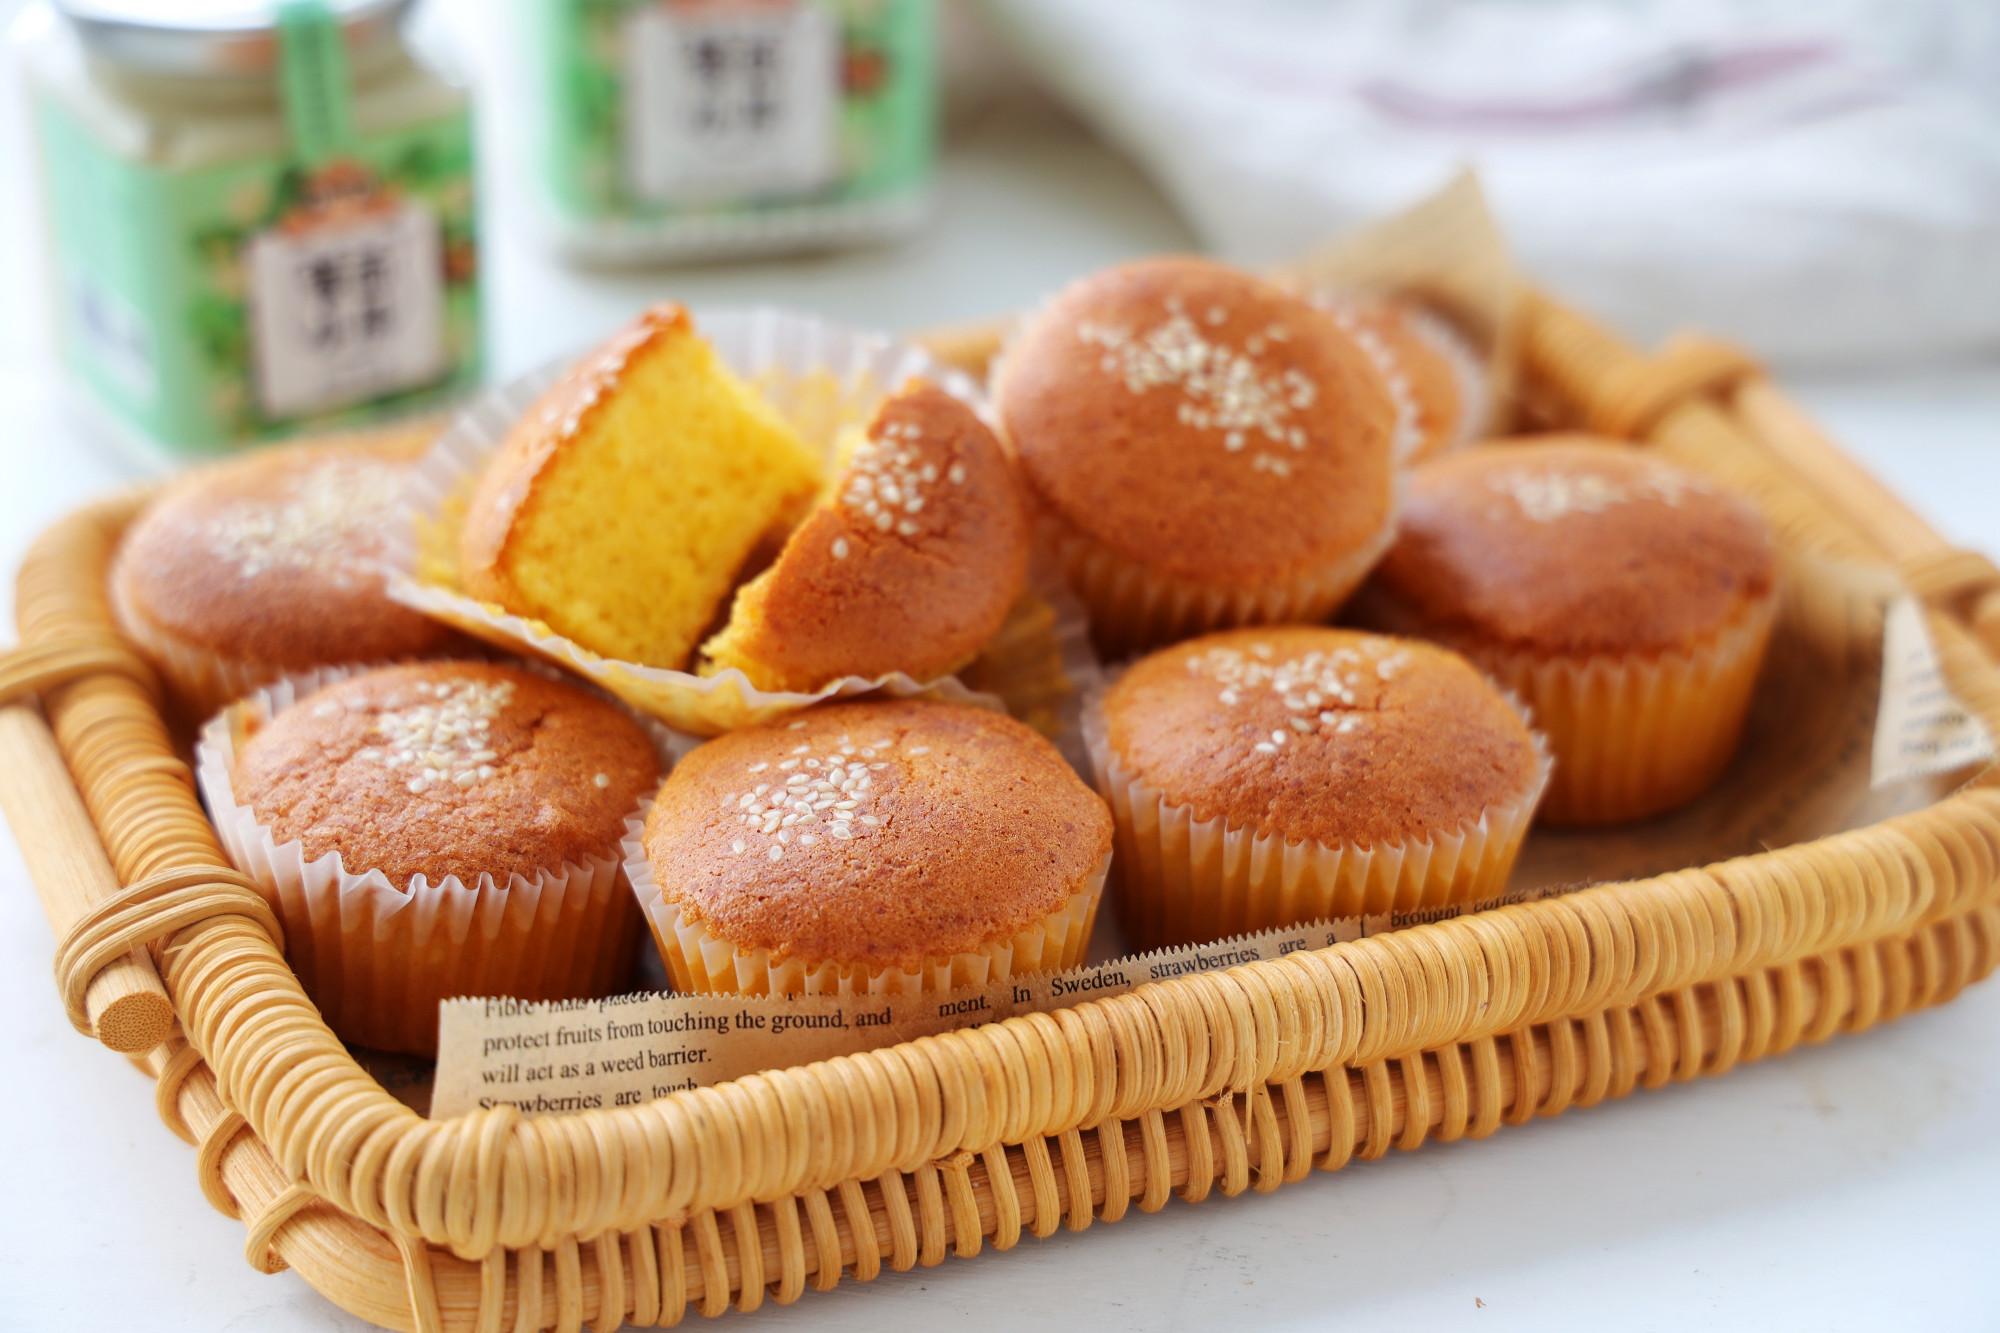 蜂蜜脆皮老式蛋糕,全都是兒時的味道,掌握技巧,在家做很簡單